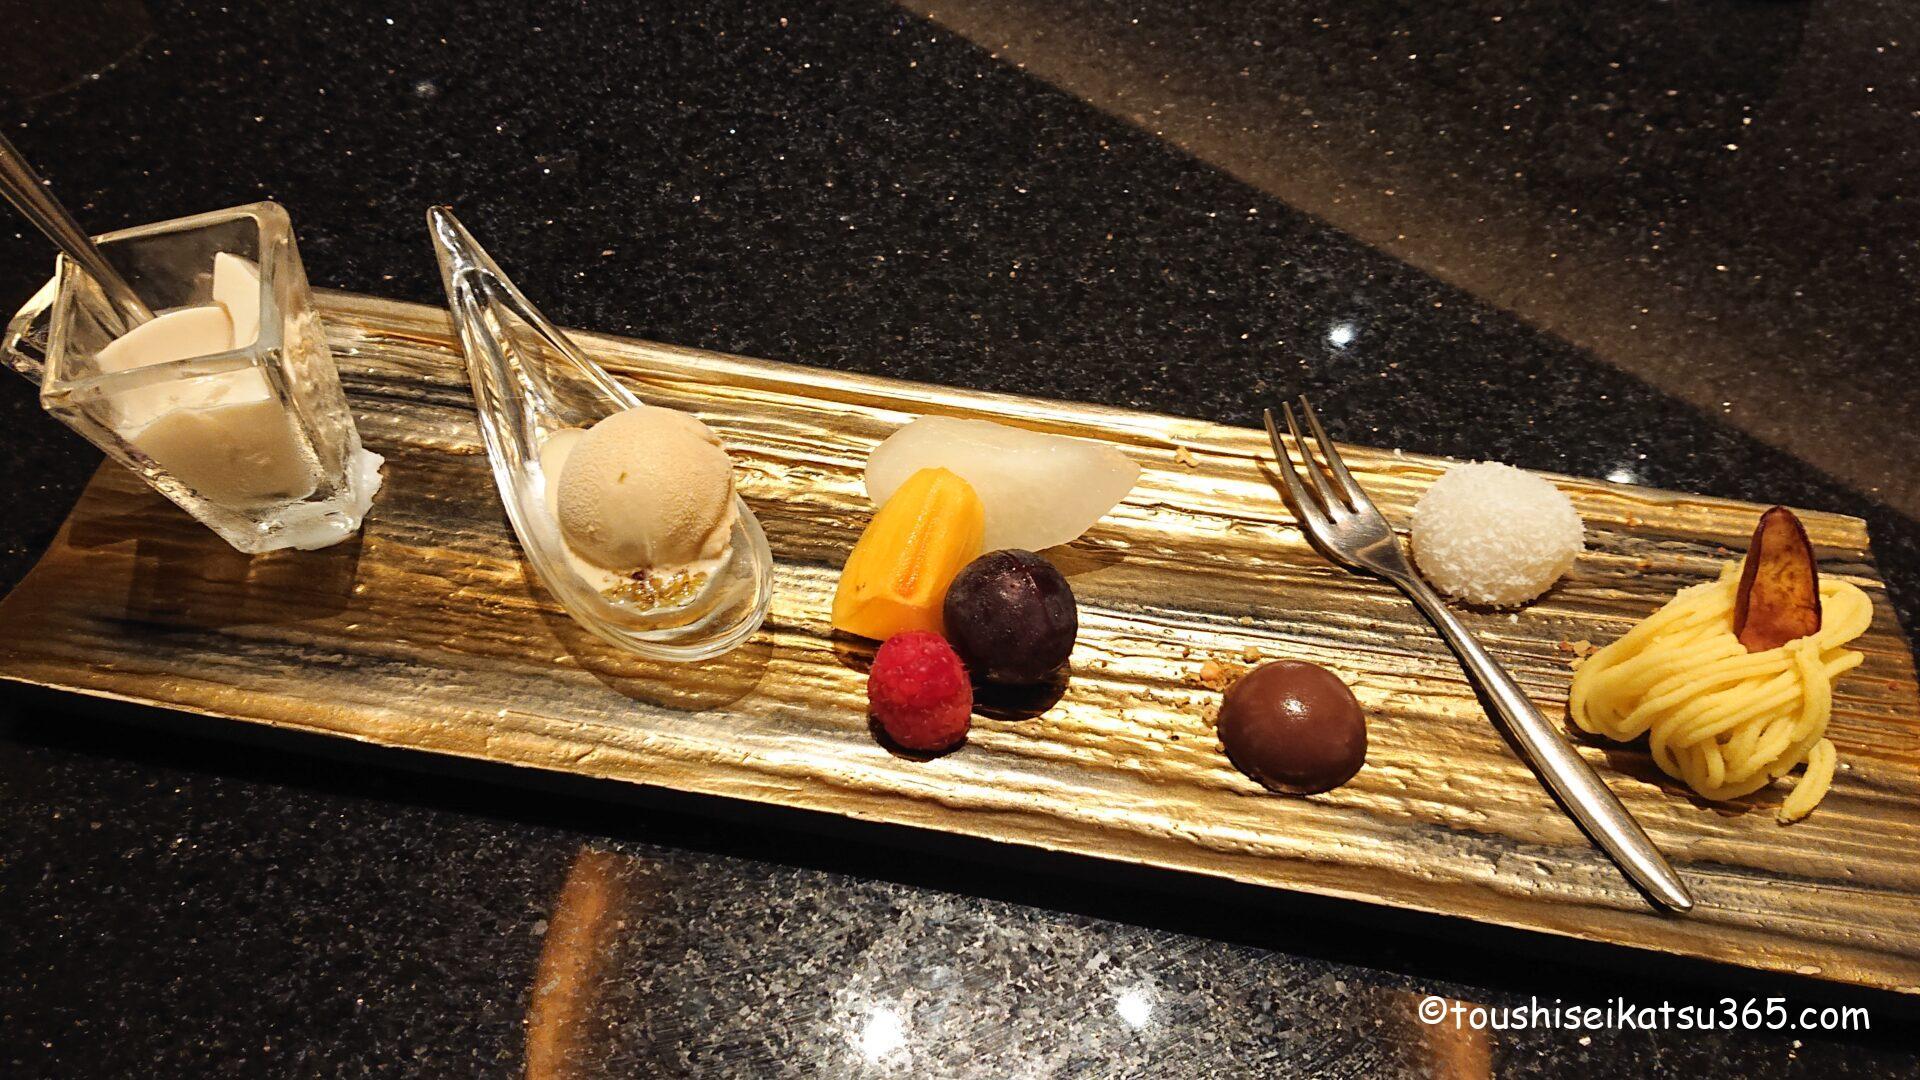 中国料理「翆陽」 コーヒー杏仁豆腐と季節のフルーツ盛り合わせ 小さな中国菓子とともに